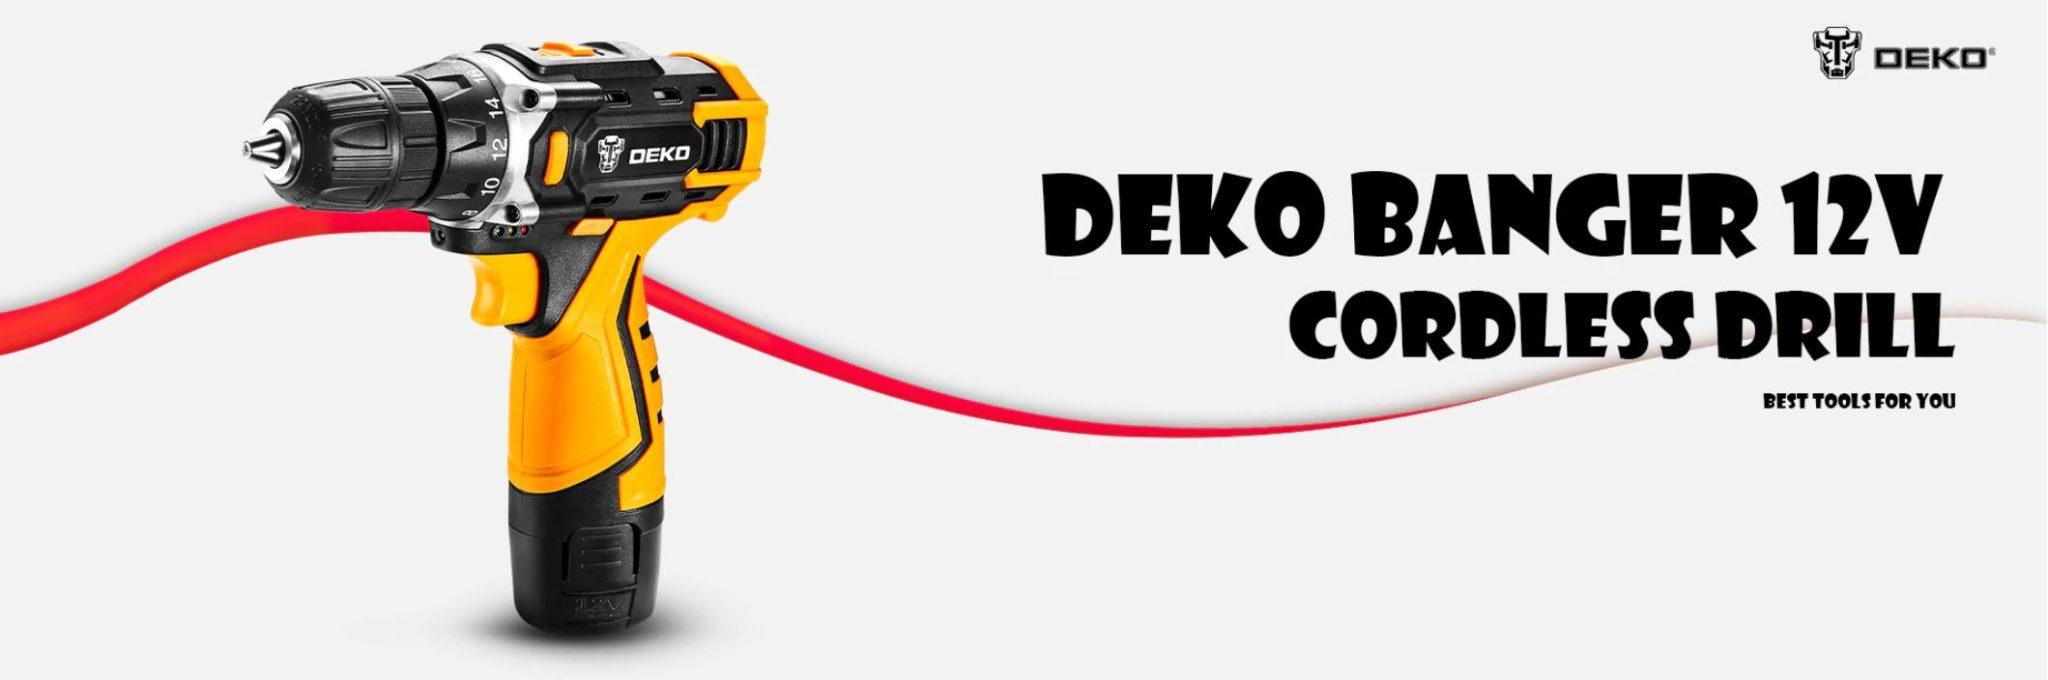 Najlepsze narzędzia z Aliexpress - promocja produktów marki DEKO - wiertarka-wkrętarka DEKO Banger